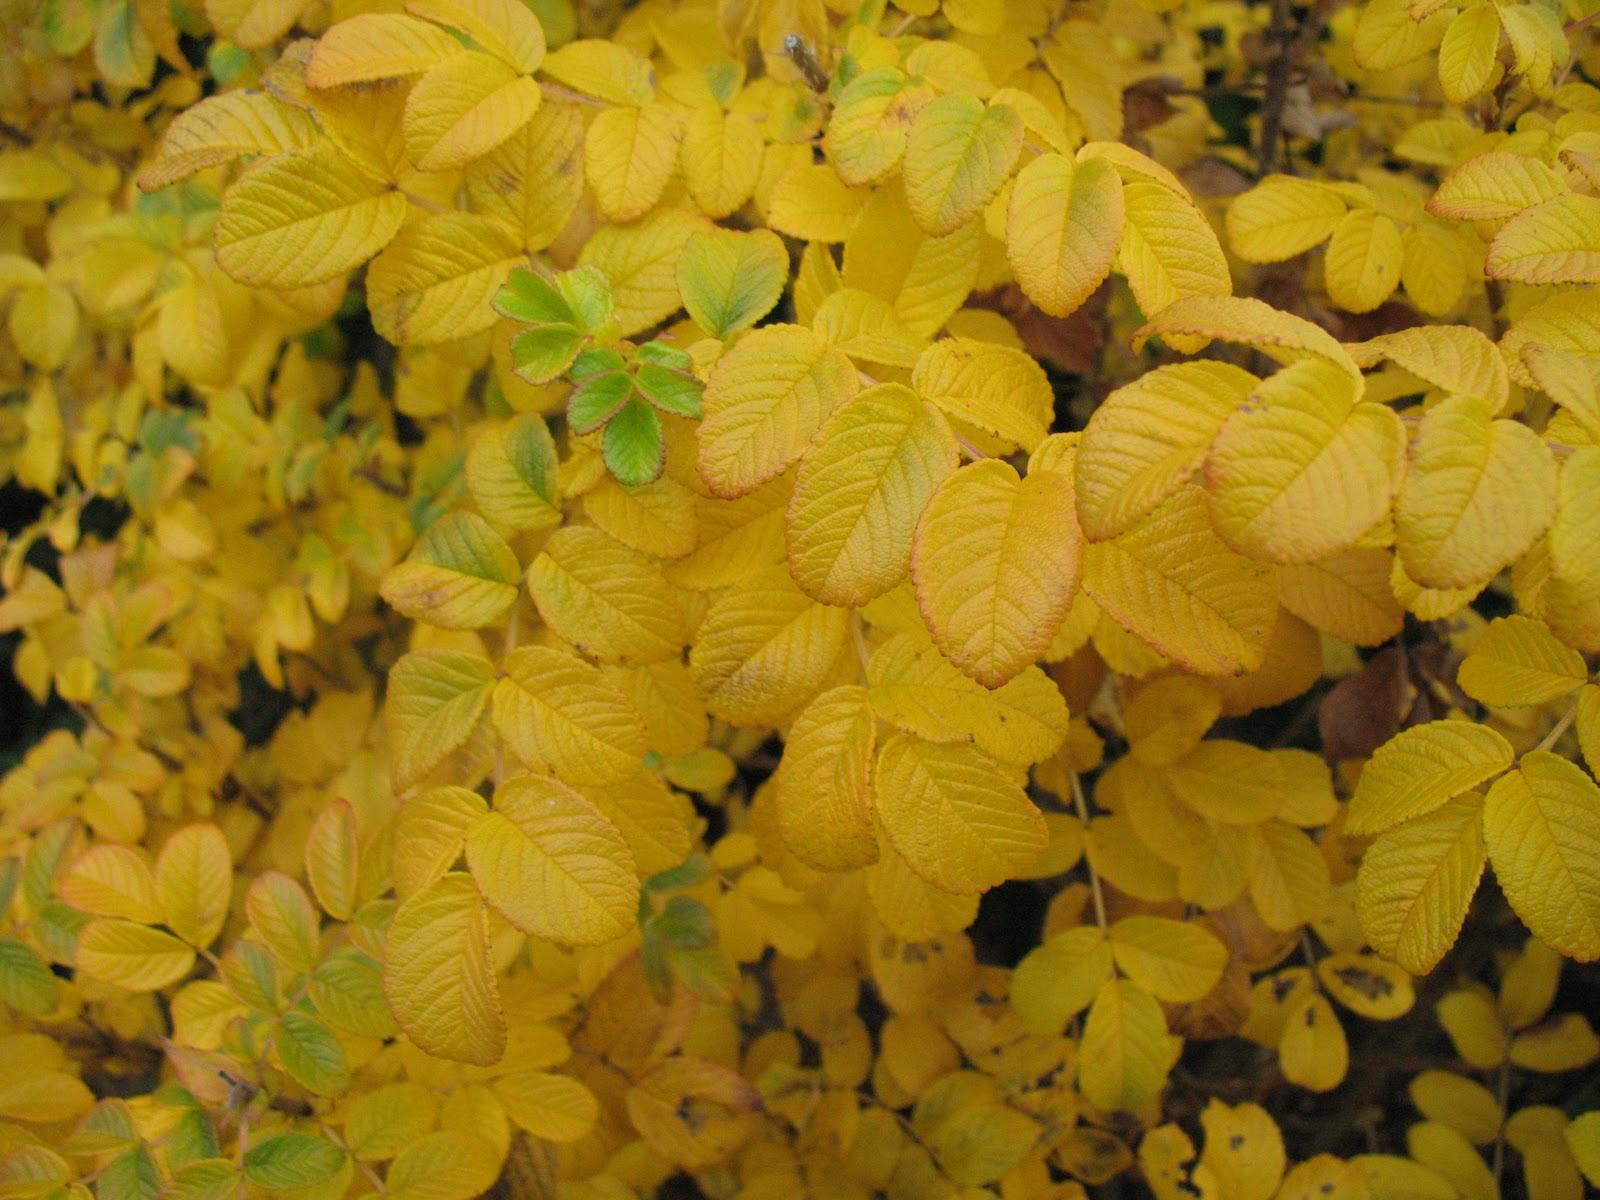 Roses du jardin ch neland de l 39 or en feuilles dans le jardin - Feuilles de rosier qui jaunissent ...